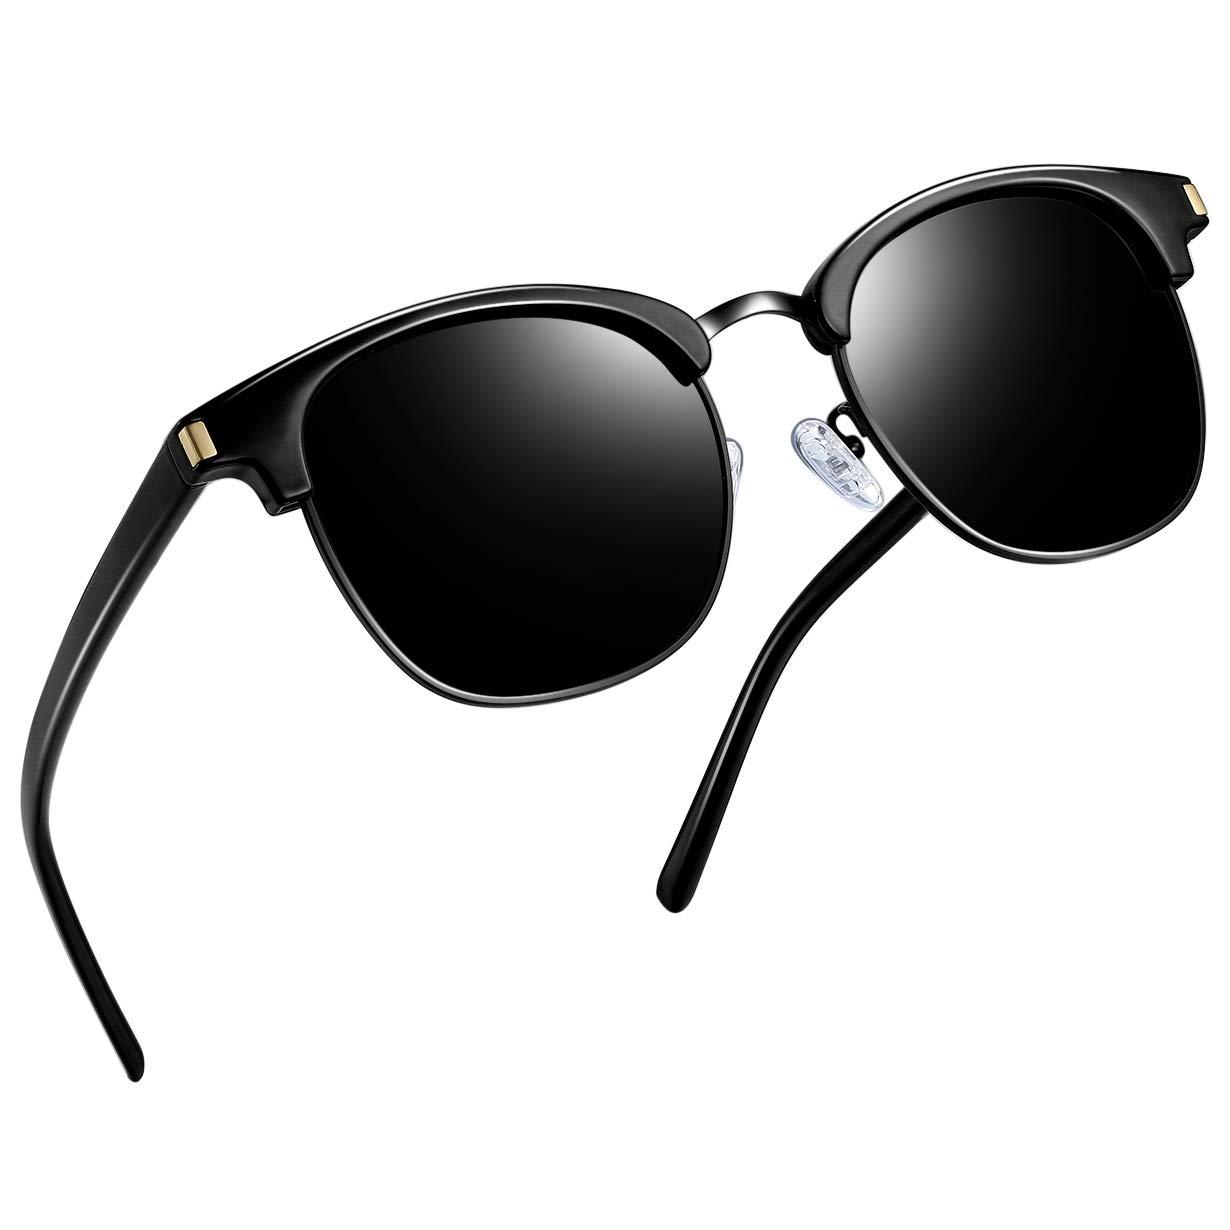 Joopin Semi Rimless Polarized Sunglasses Women Men Retro Brand Sun Glasses (Retro All Black)